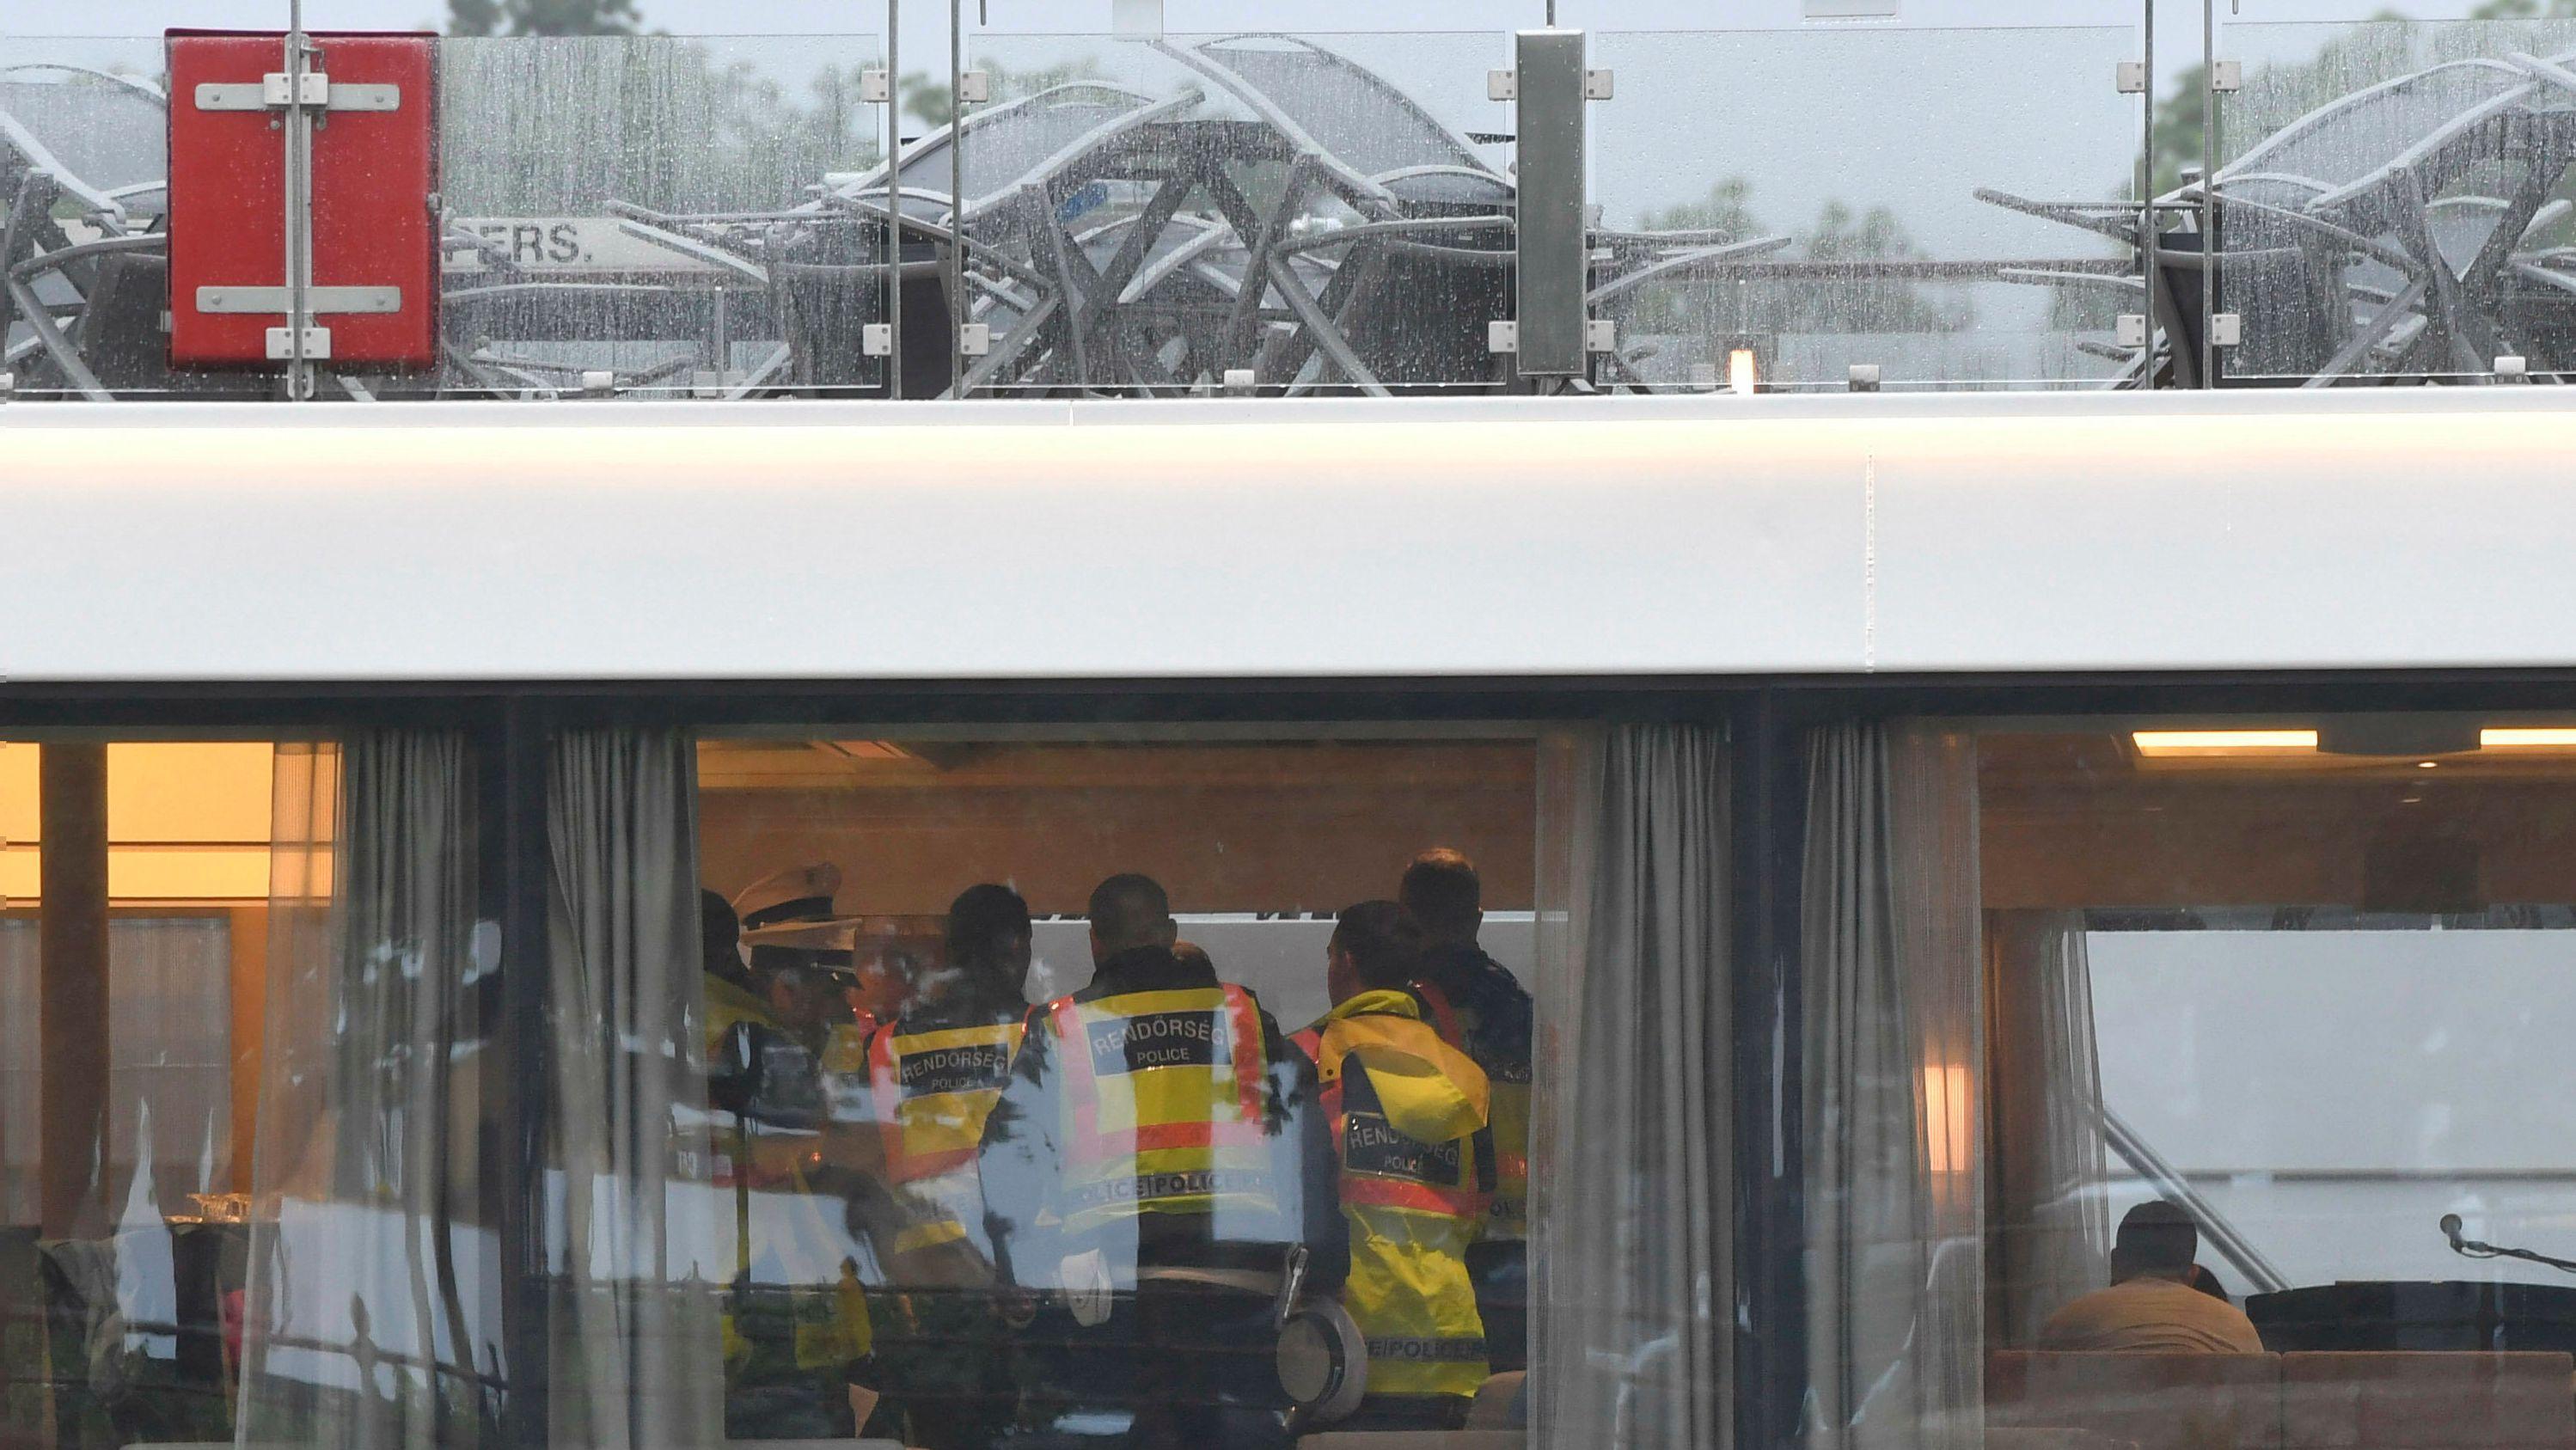 Polizisten an Bord des Viking-Flusskreuzfahrtschiffes auf der Donau in der Innenstadt von Budapest